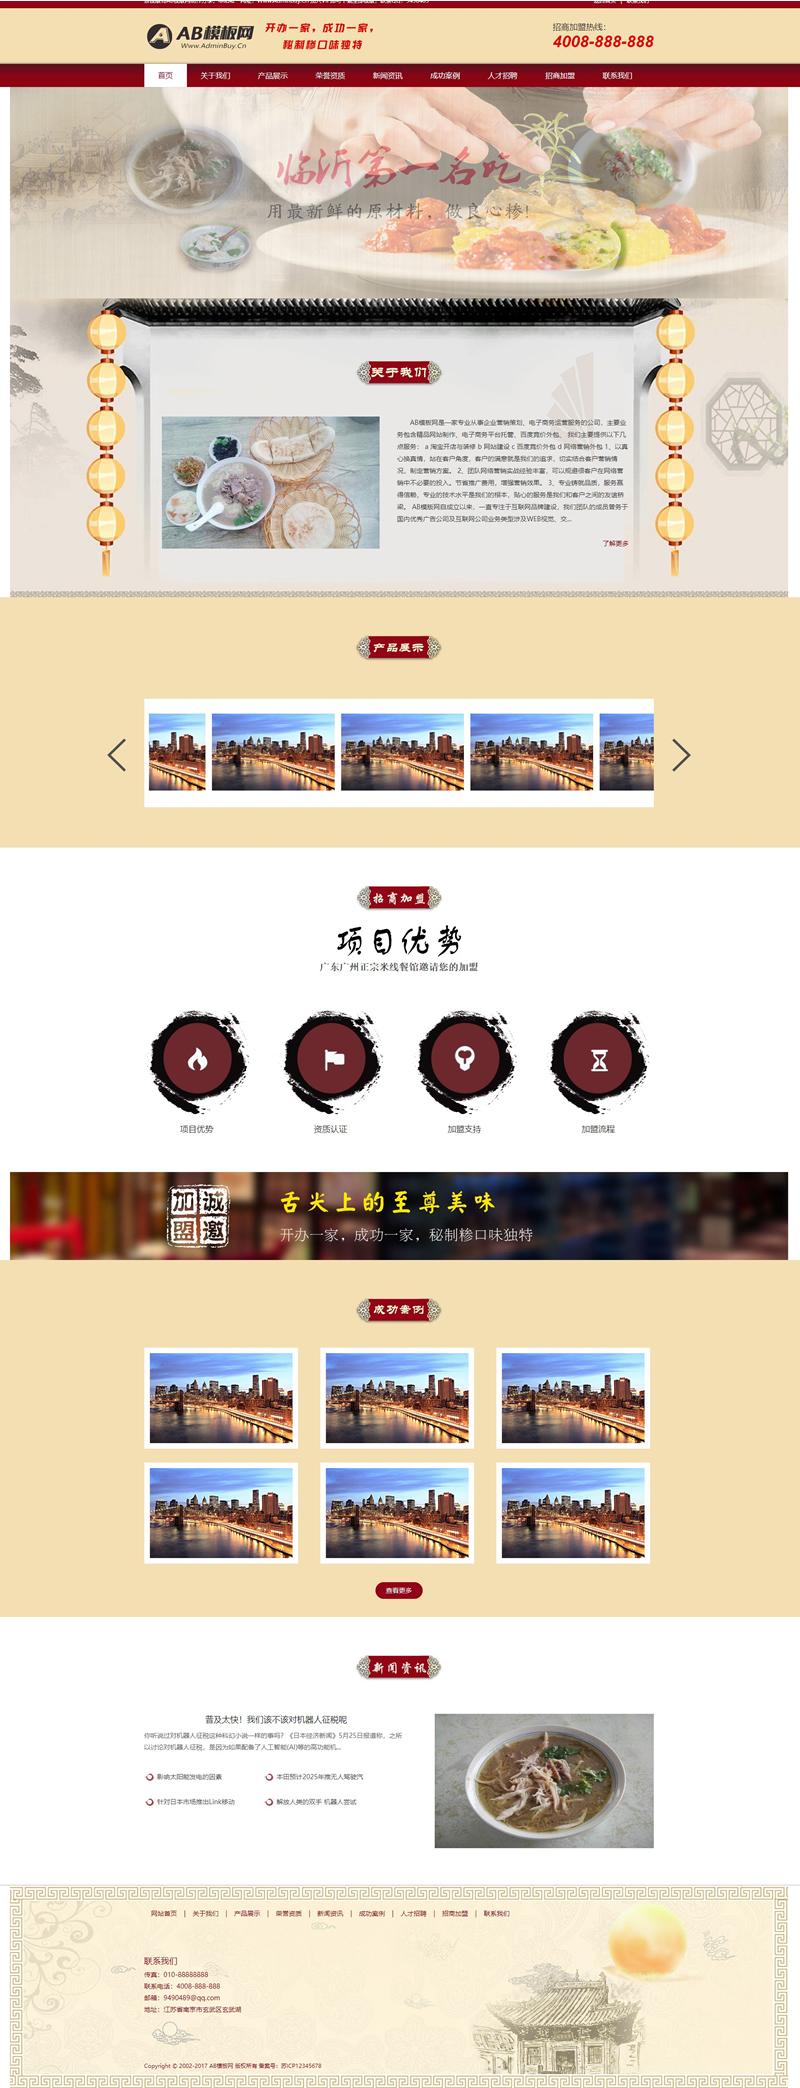 【dedecms】红色UI风格小吃加盟织梦dedecms网站模板 带手机版支持数据同步-爱资源分享